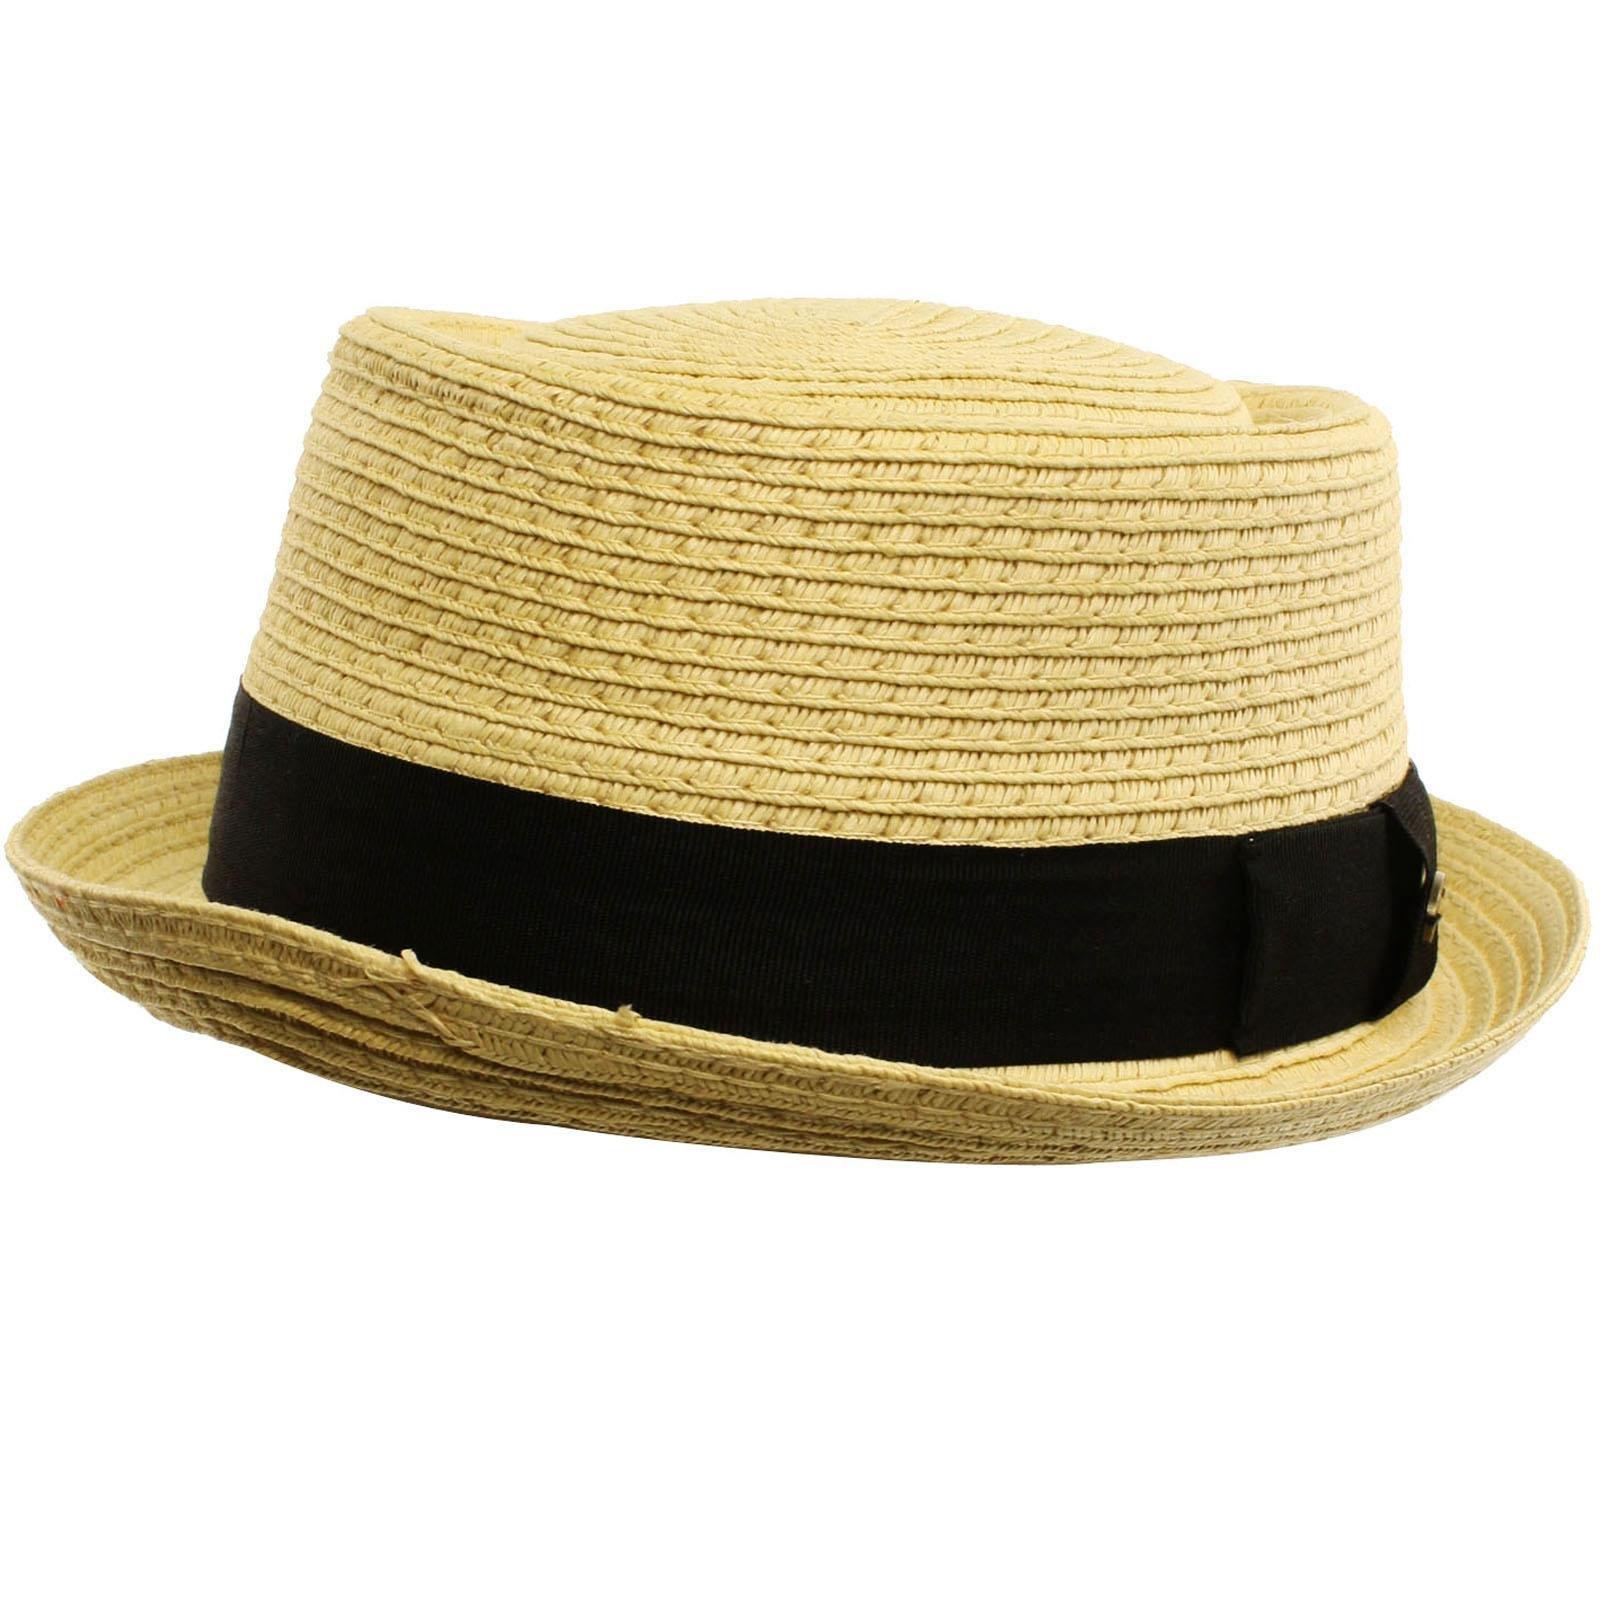 4090da101a18c Men s Cool Summer Straw Pork Pie Derby Fedora Upturn Brim Hat ...